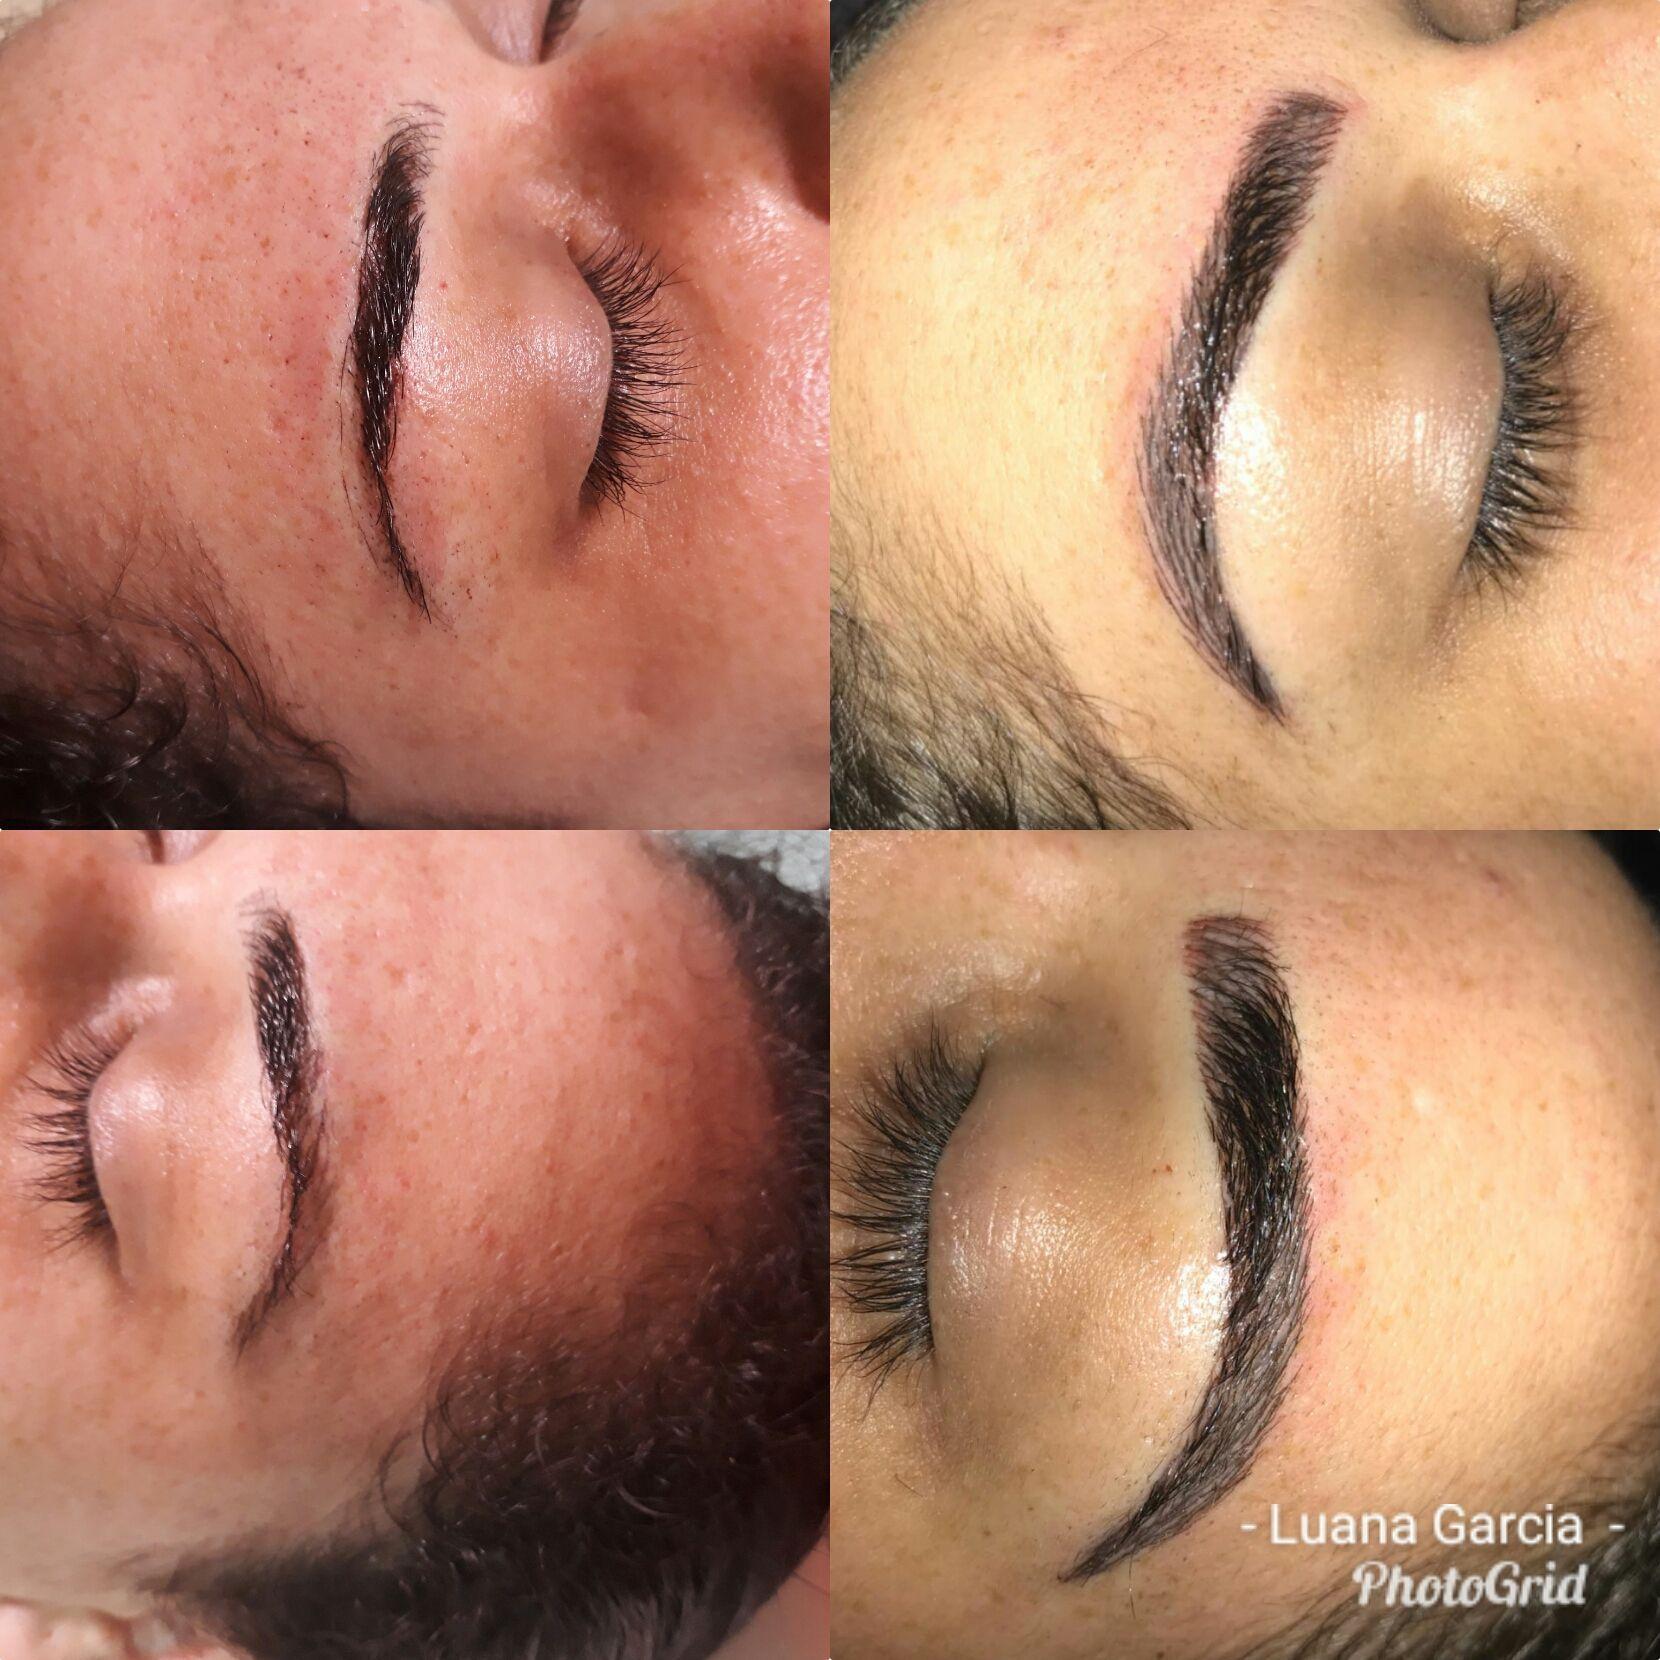 auxiliar cabeleireiro(a) designer de sobrancelhas assistente maquiador(a) escovista micropigmentador(a)